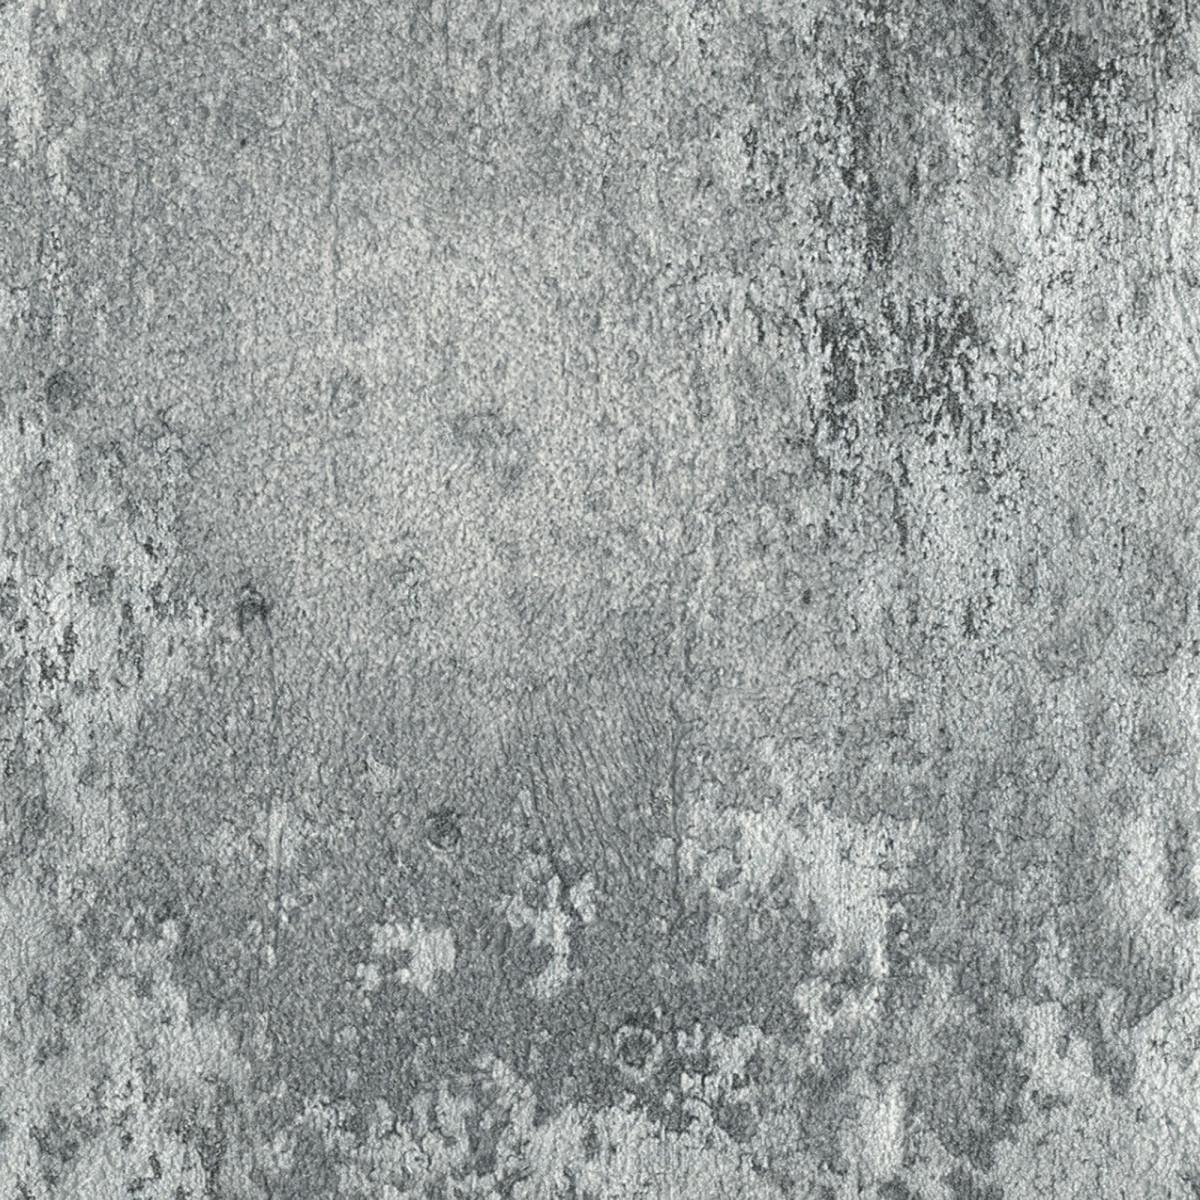 Обои серые под бетон купить бетон заказать где